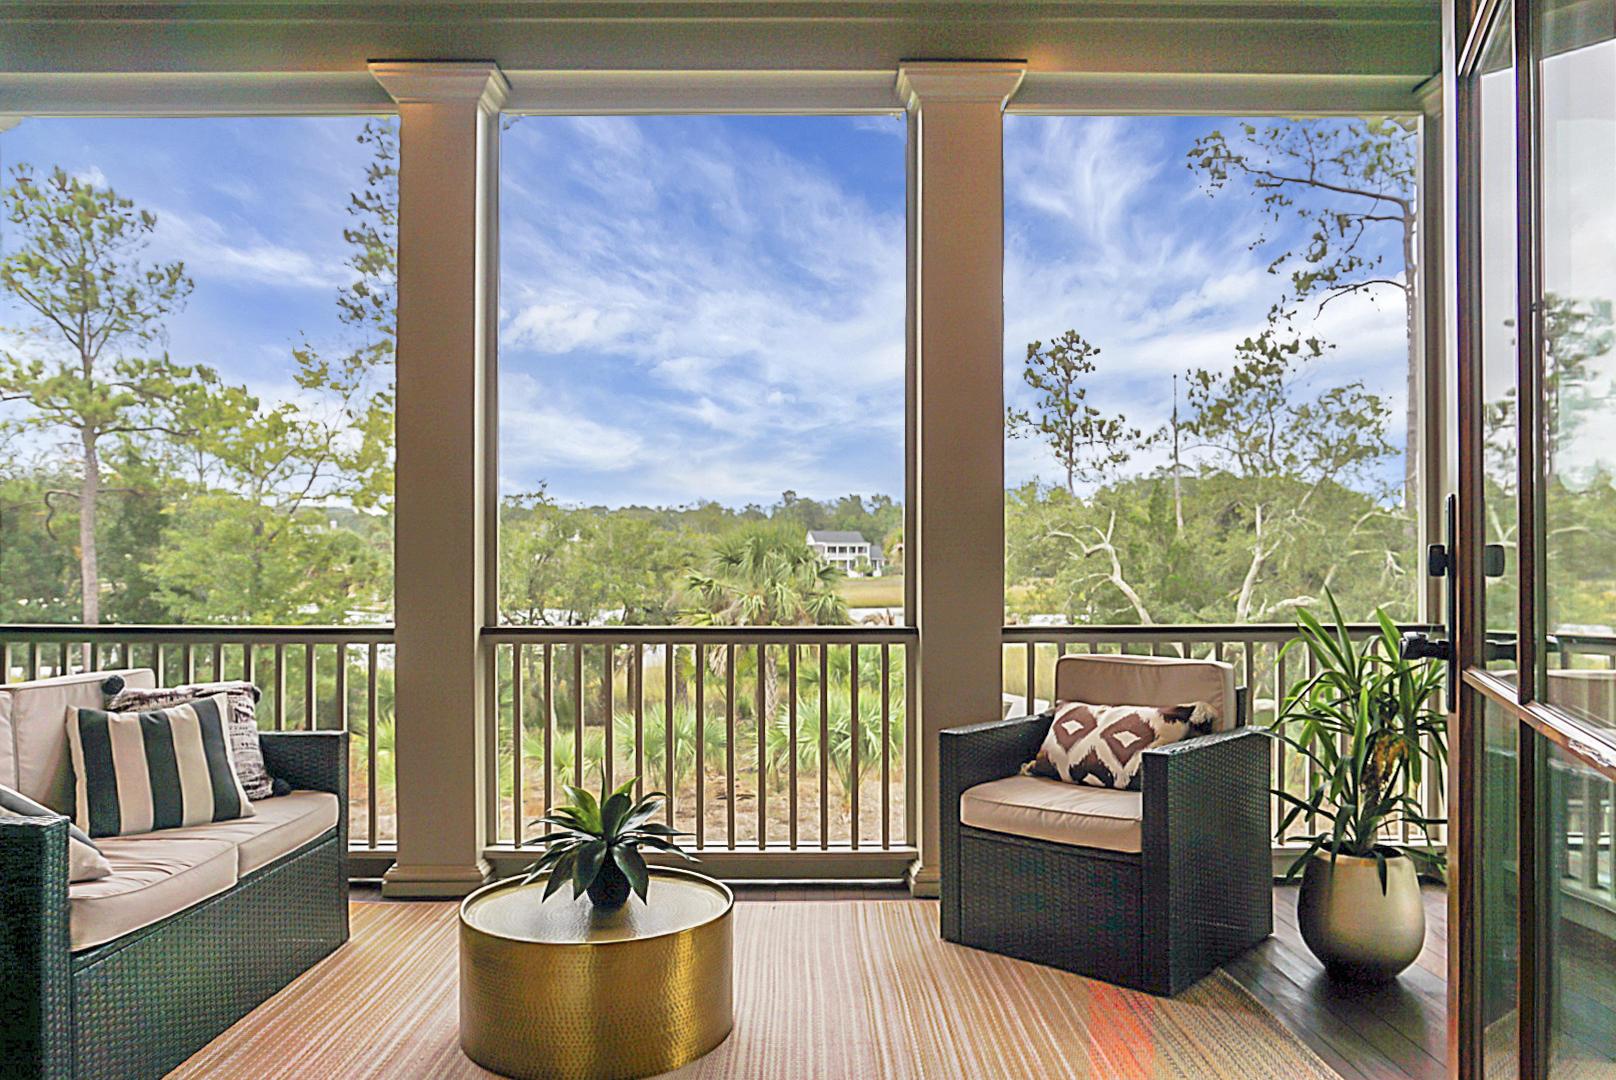 Dunes West Homes For Sale - 2978 River Vista, Mount Pleasant, SC - 34